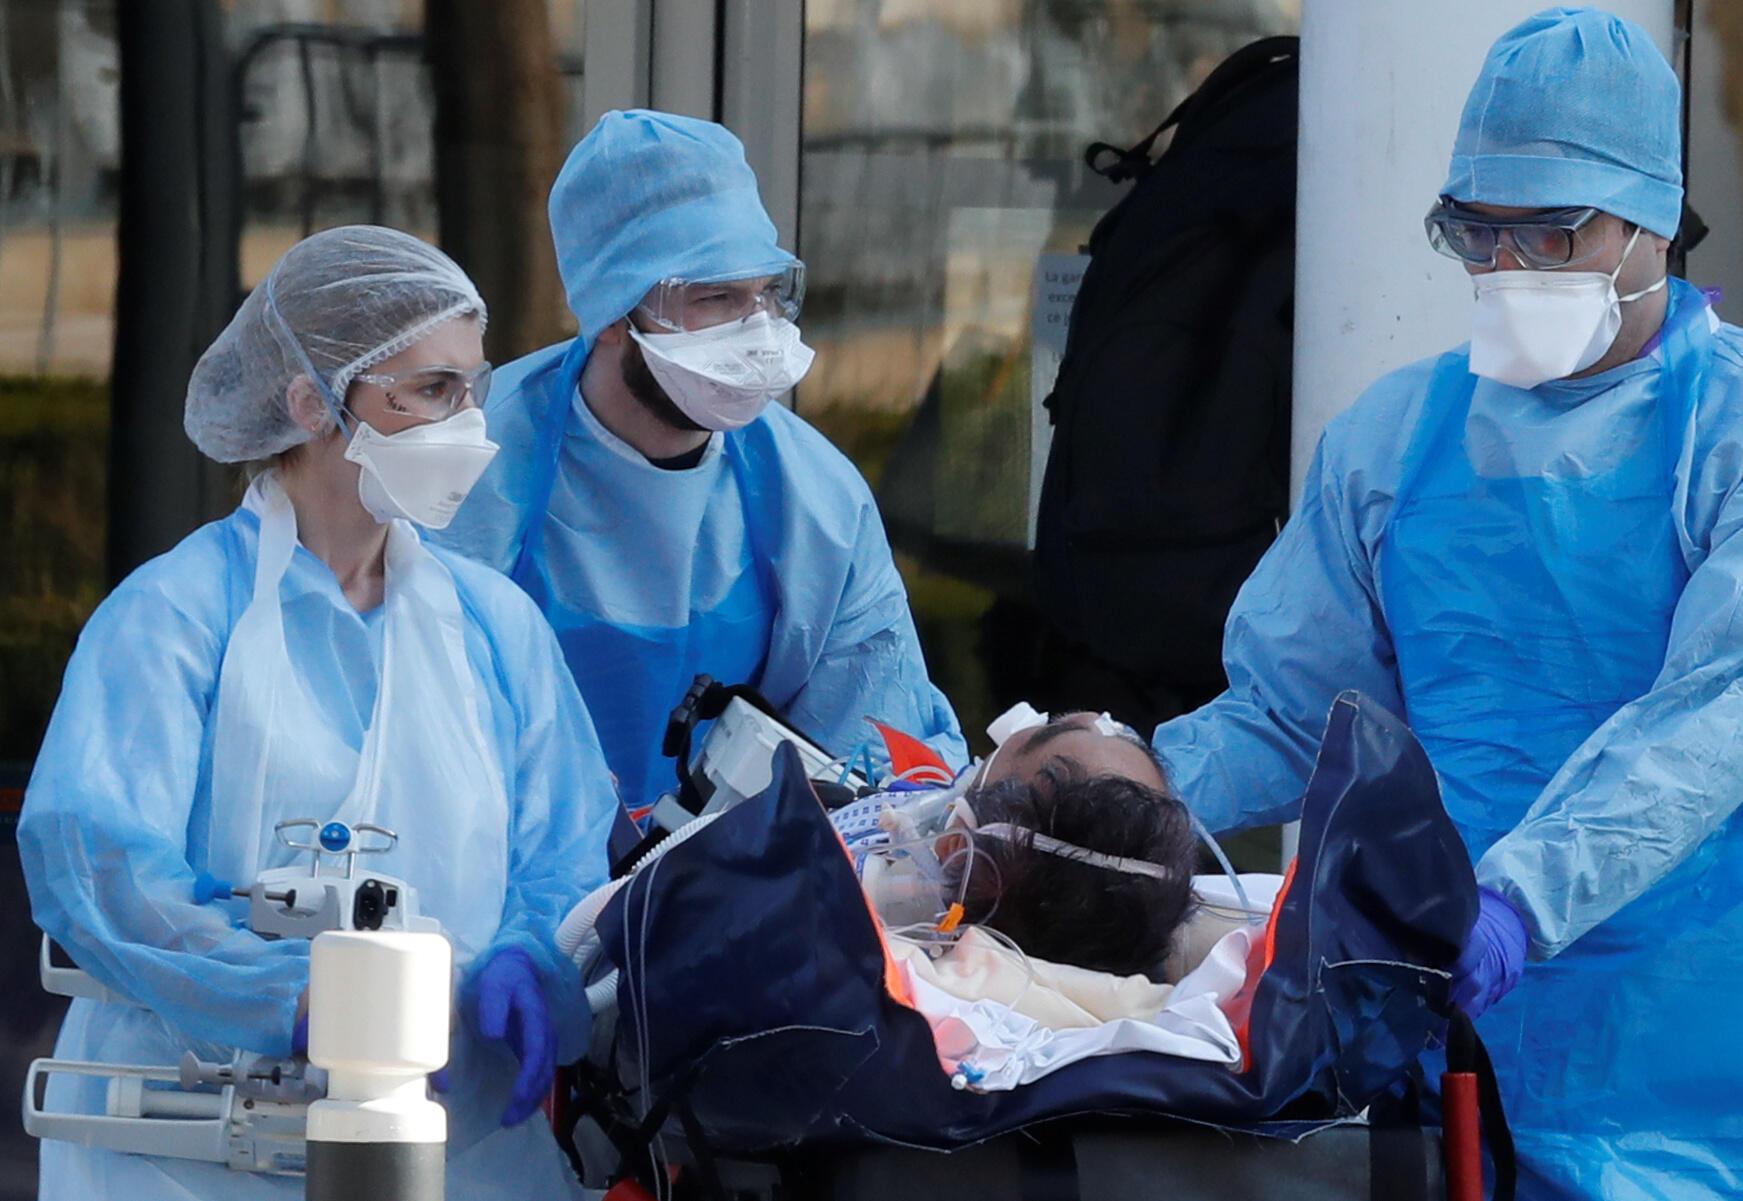 شمار قربانیان و مبتلایان به بیماری کویدـ۱۹ در فرانسه همچنان روند صعودی خود را دنبال میکند.